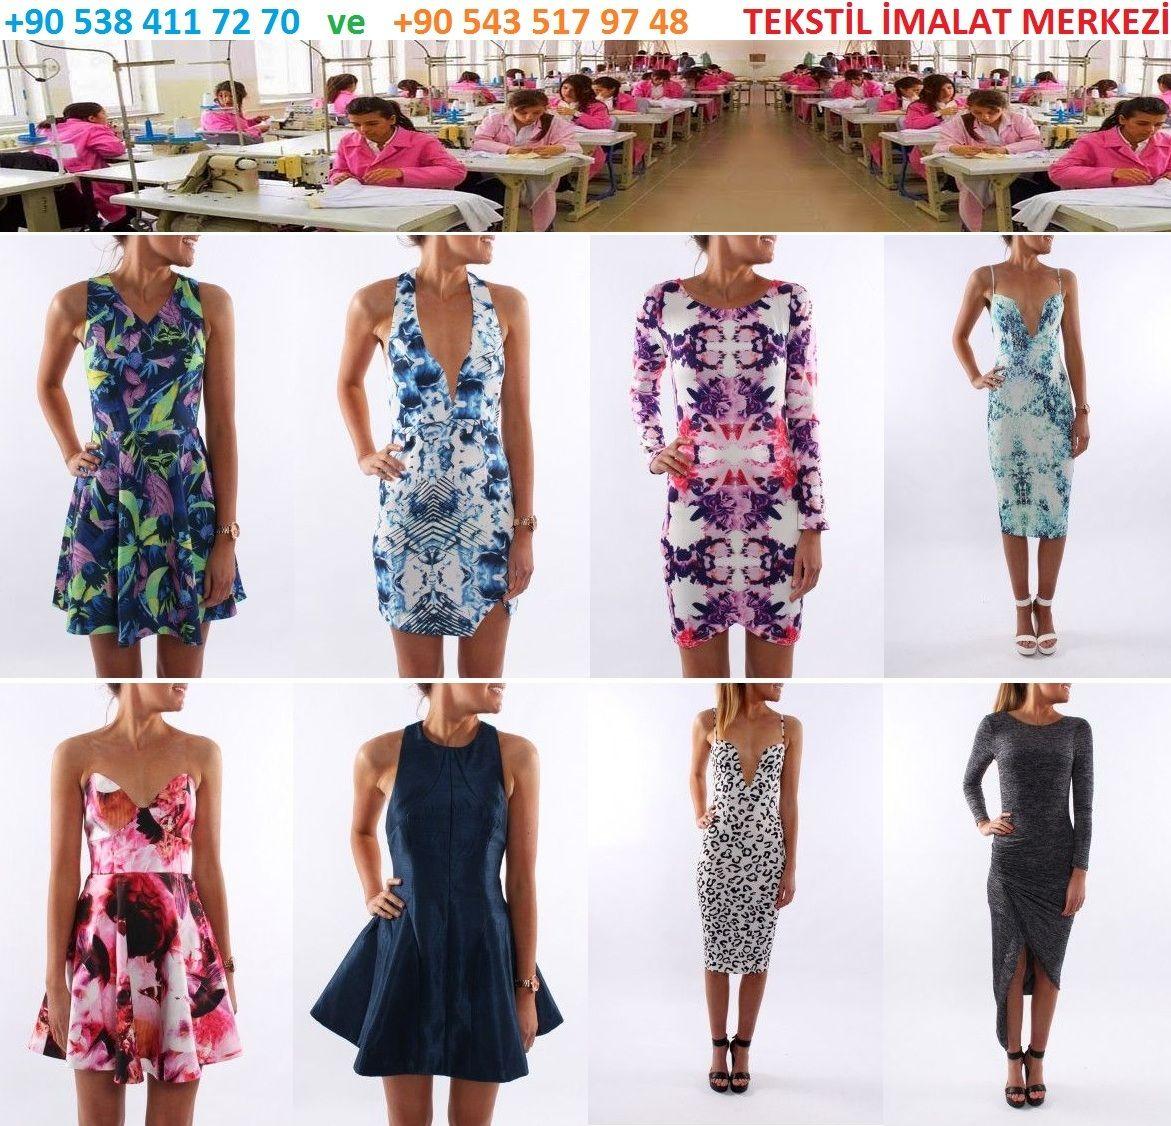 Turkiyedeki Tekstil Firmalari Ve Bayan Giyim Urunleri Modelleri Ve Fiyatlari Bayan Elbise Modelleri Fiyat Listesi Giyim Elbise Modelleri Elbise